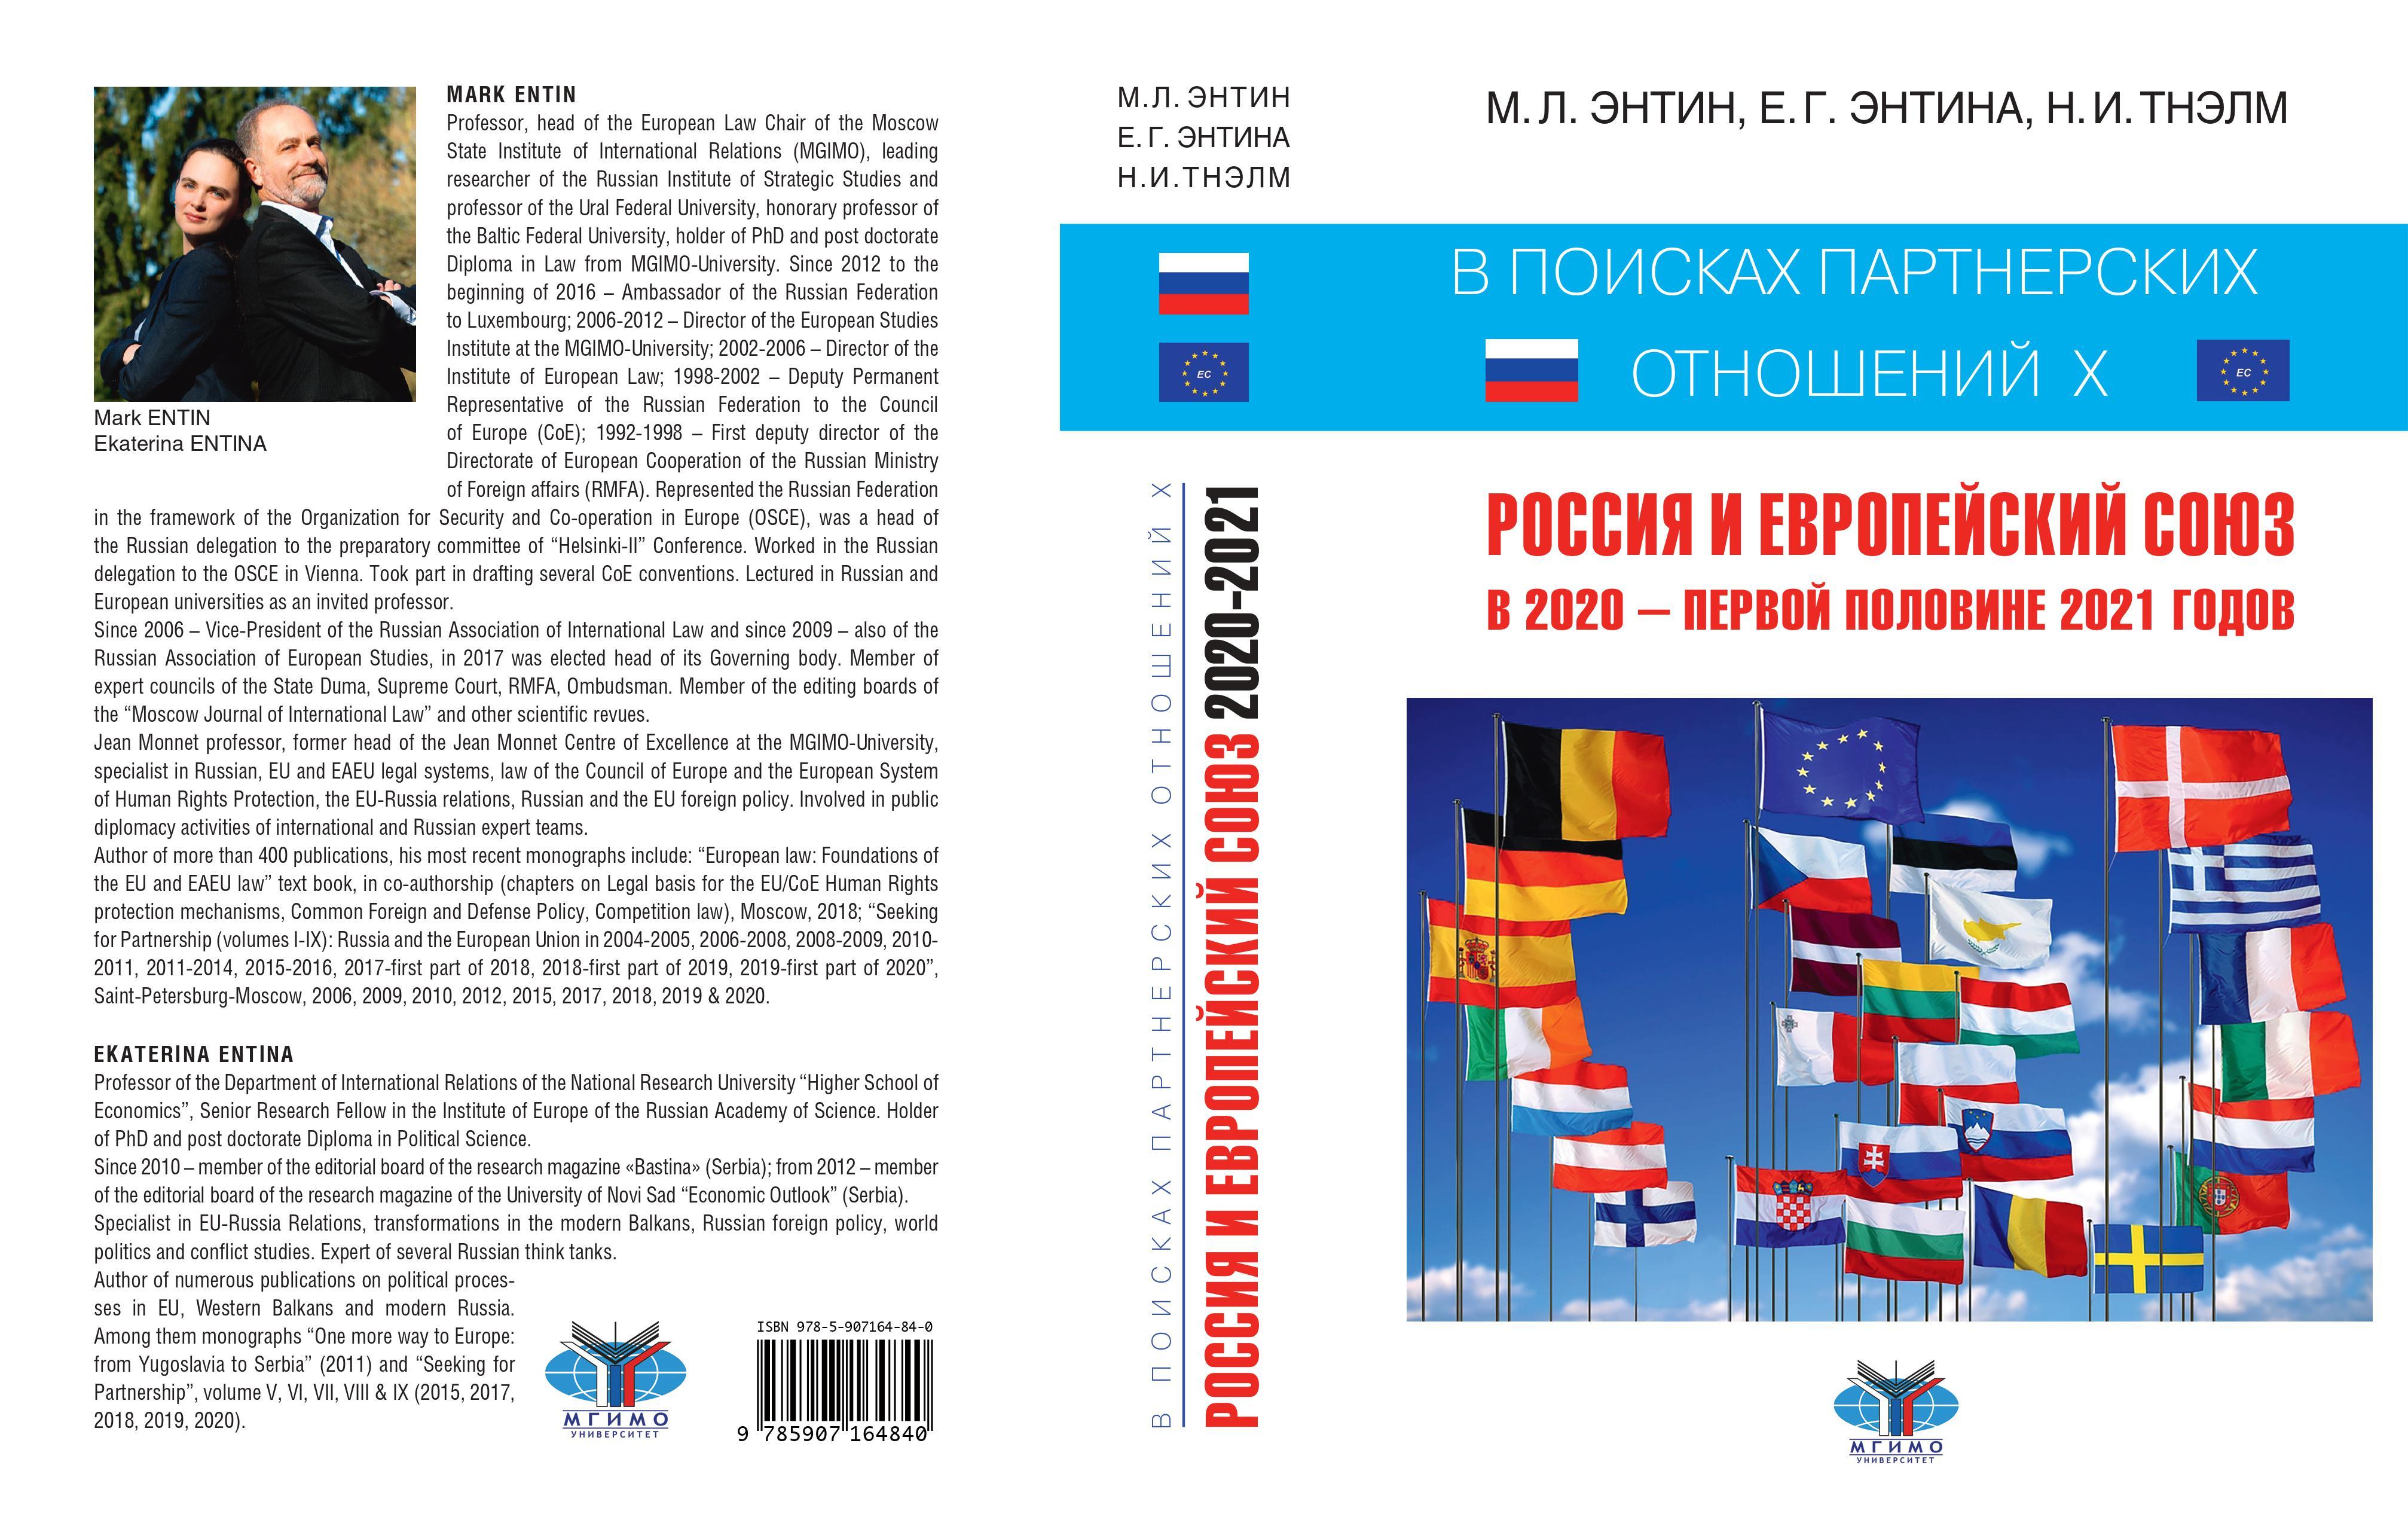 В поисках партнерских отношений - X: Россия и Европейский Союз в 2020 - первой половине 2021 годов